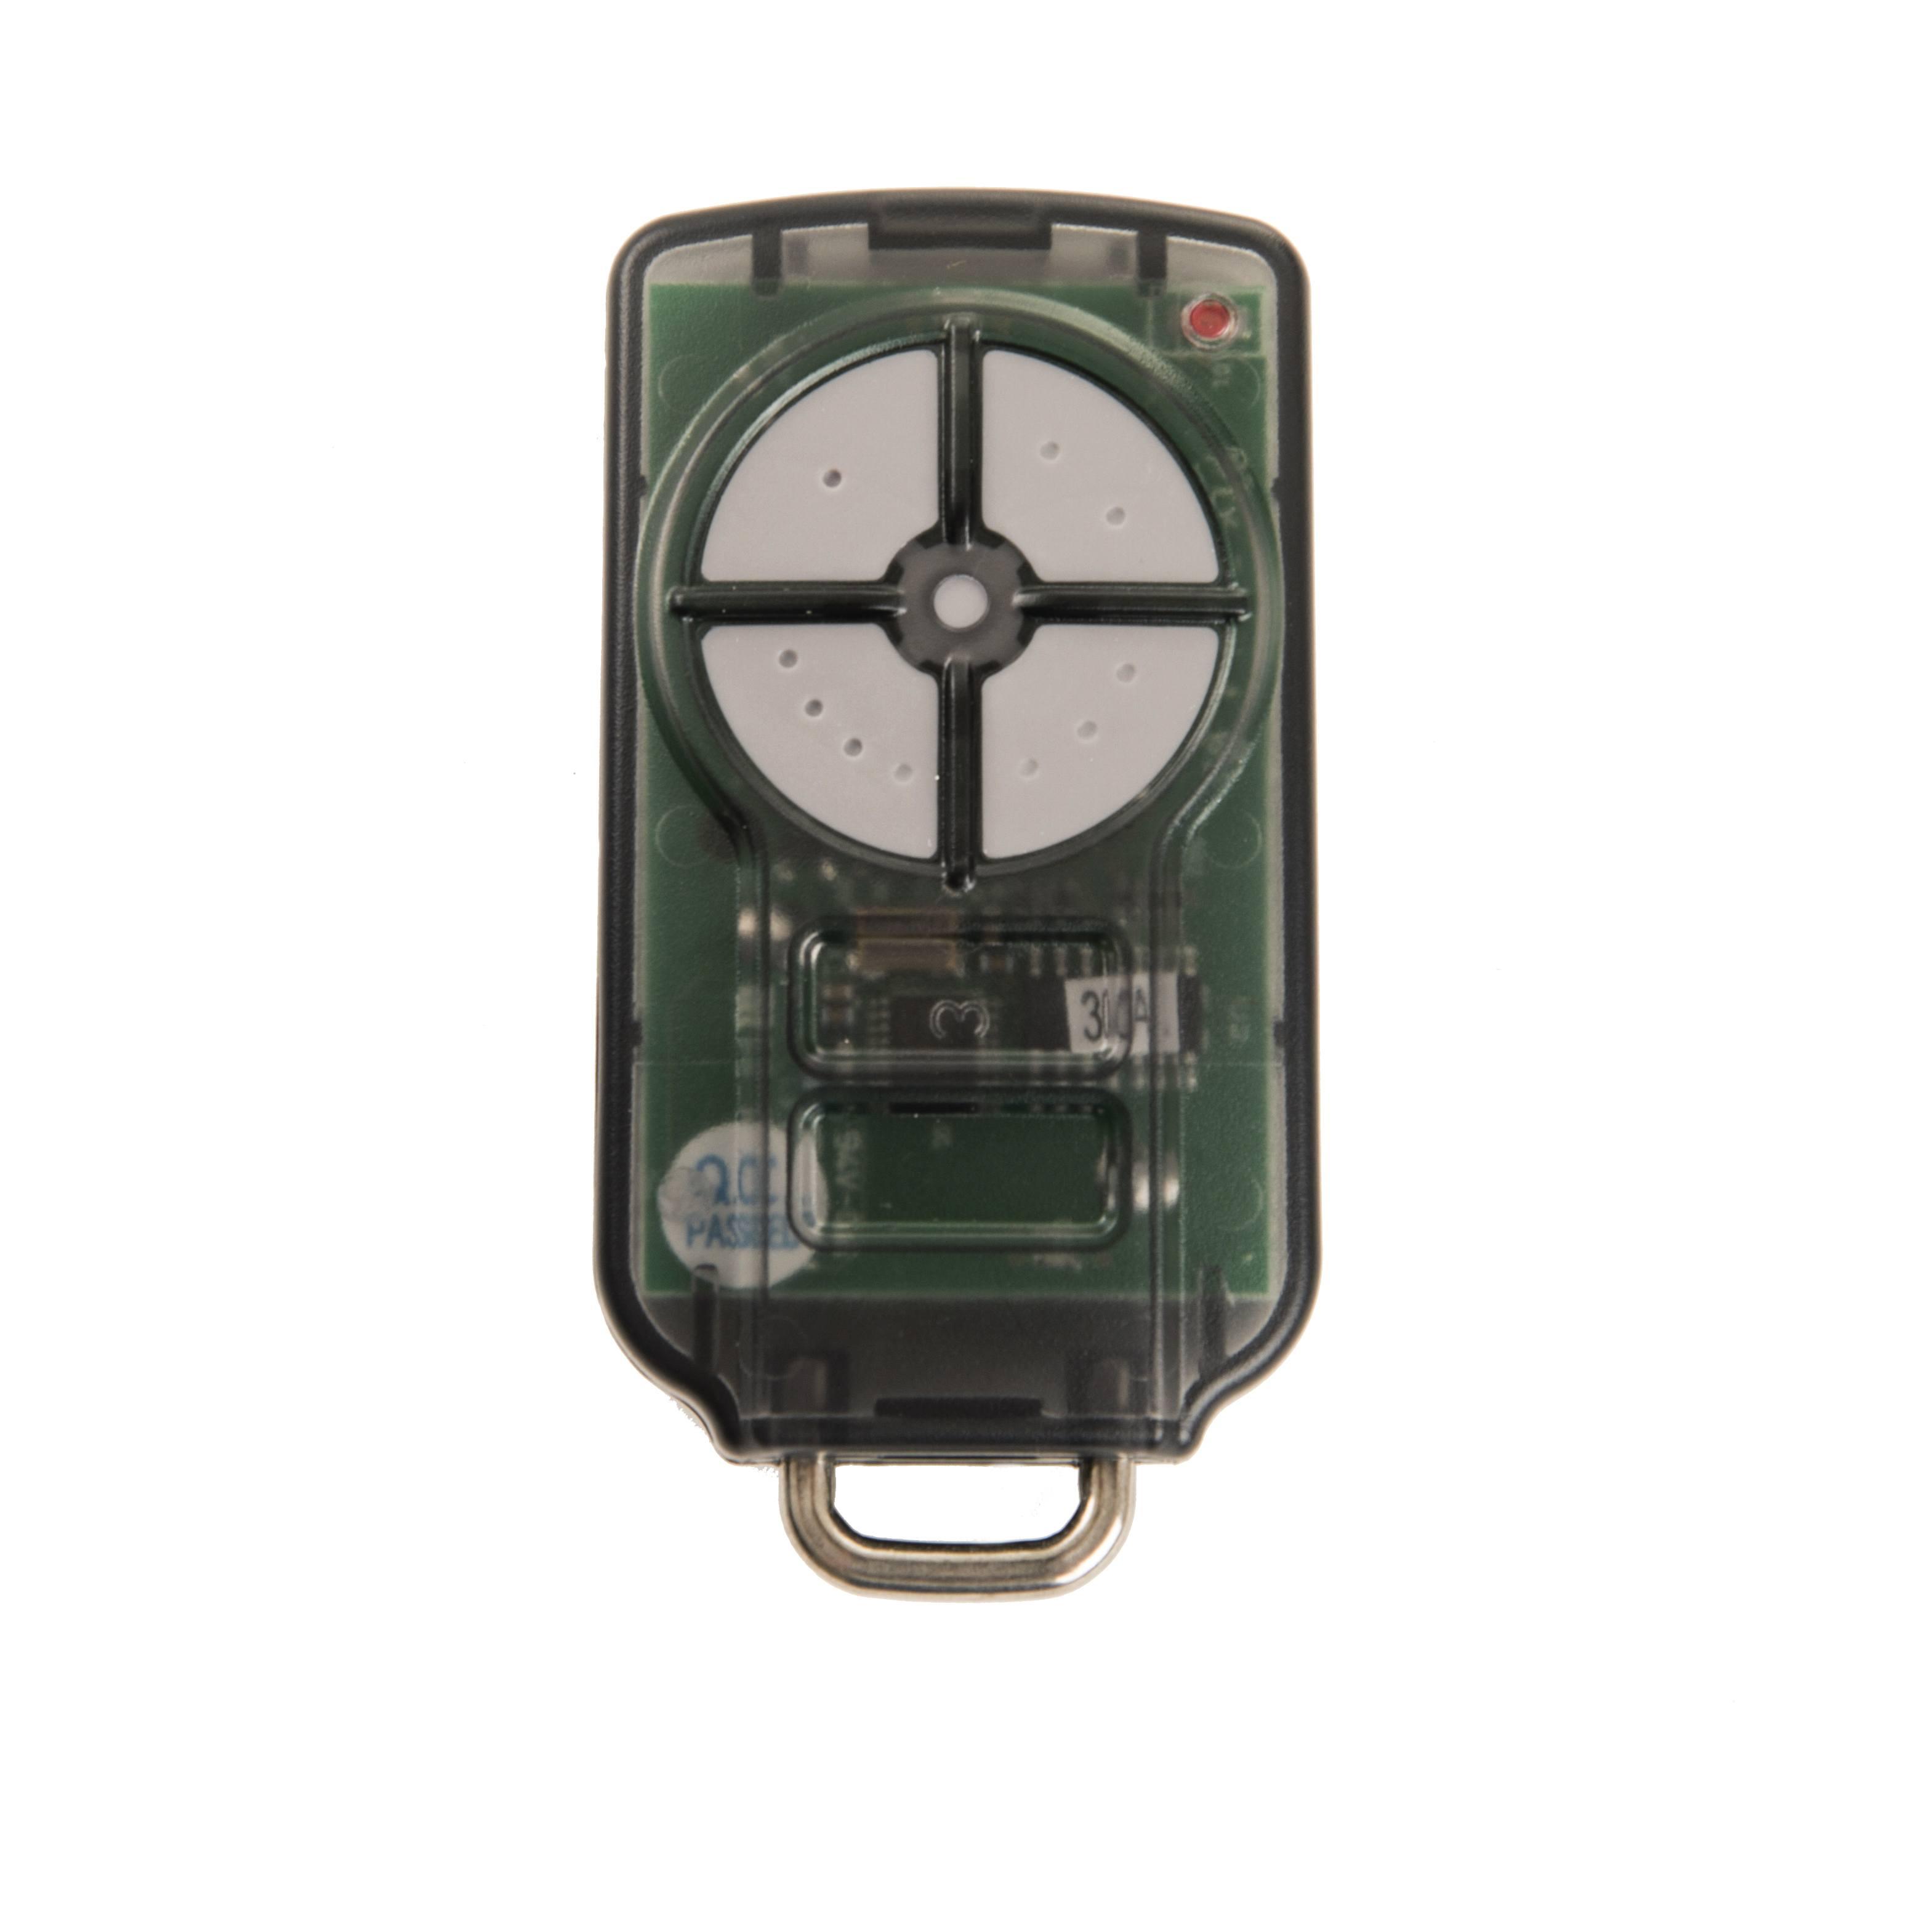 Garage Door Remote >> Automatic Technology Ata Ptx5 Garage Door Remote Control